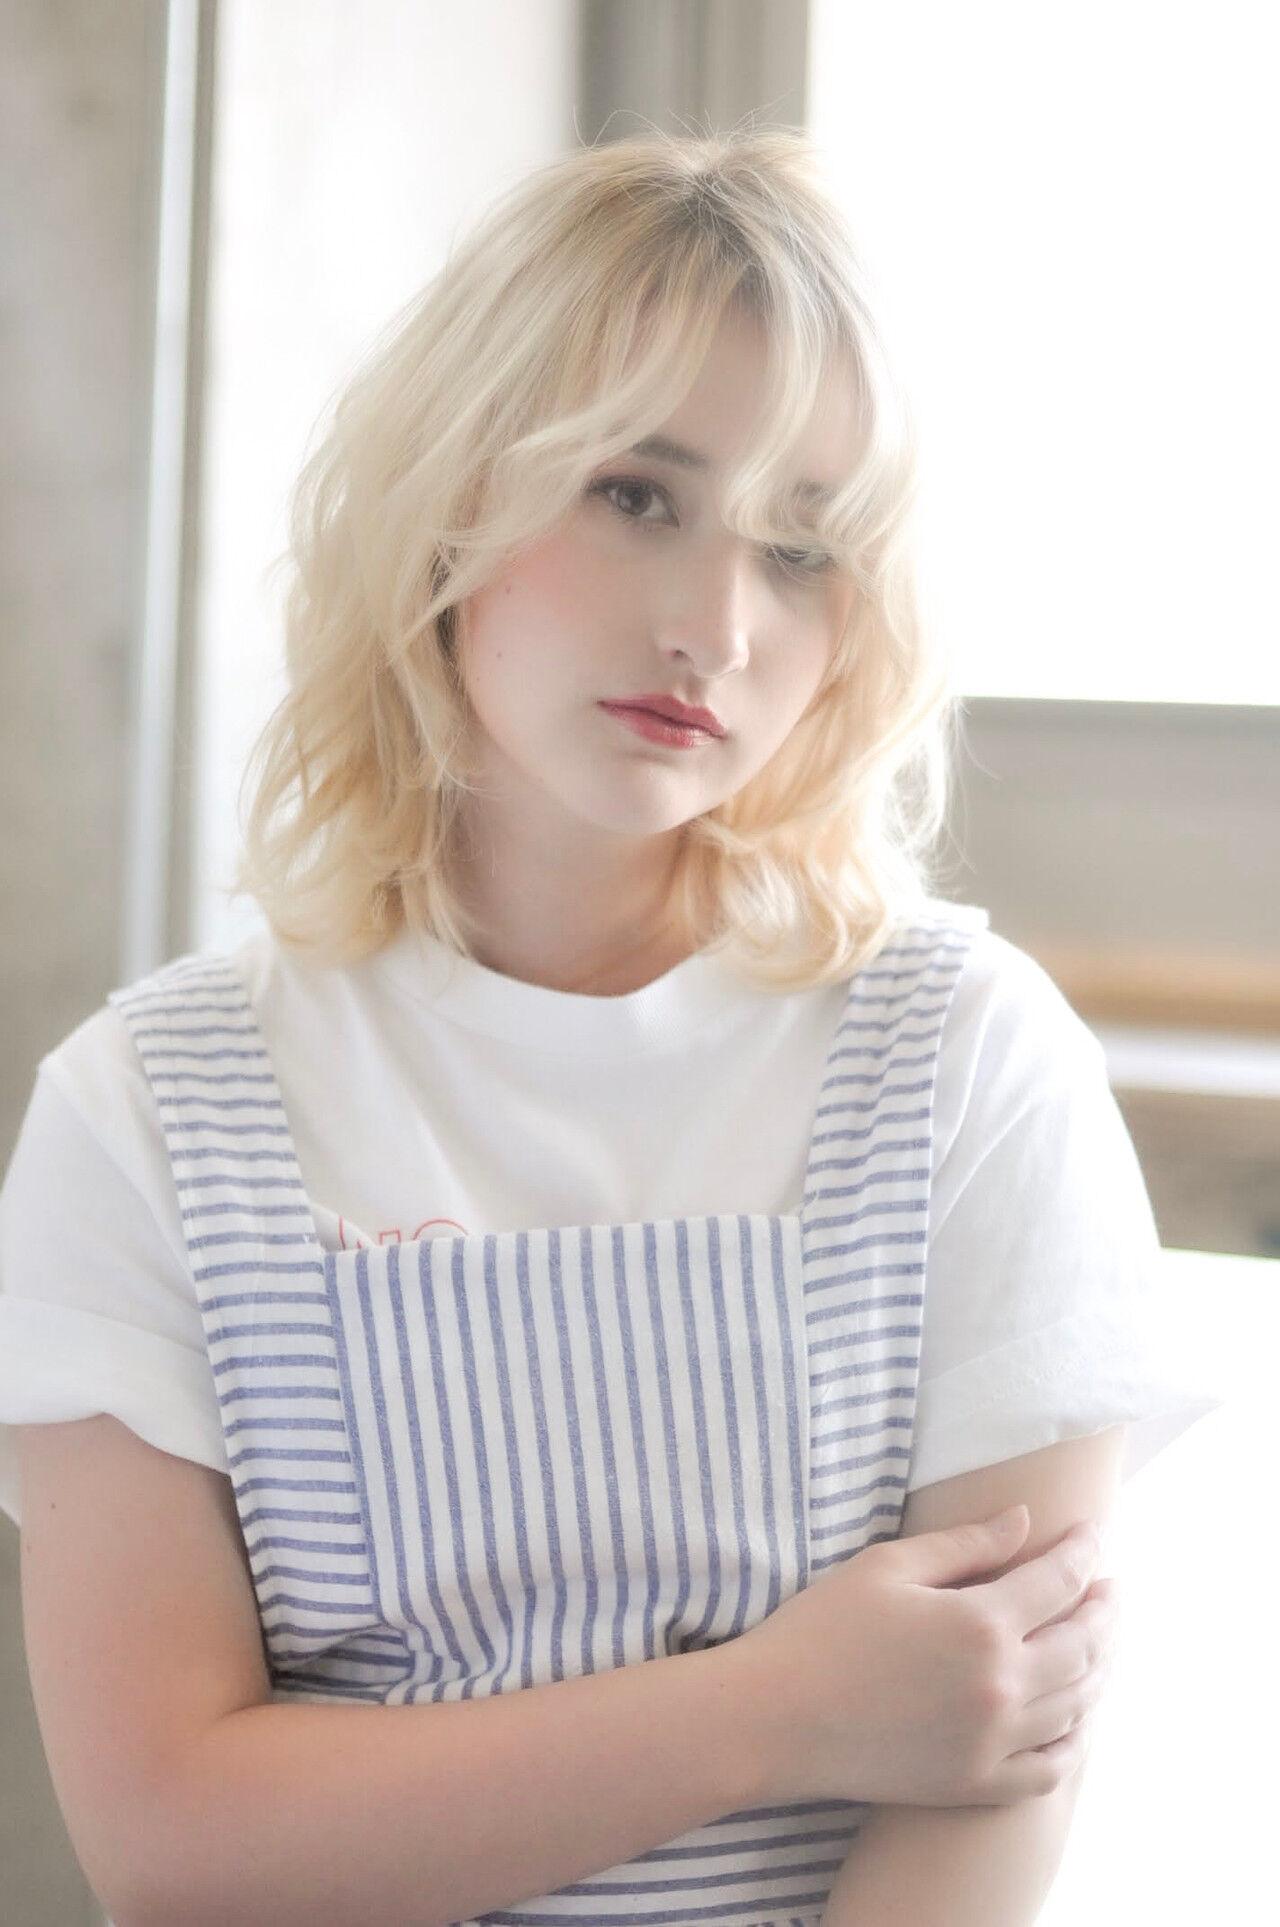 簡単ヘアアレンジ 透明感カラー 外国人風フェミニン 外国人風カラーヘアスタイルや髪型の写真・画像